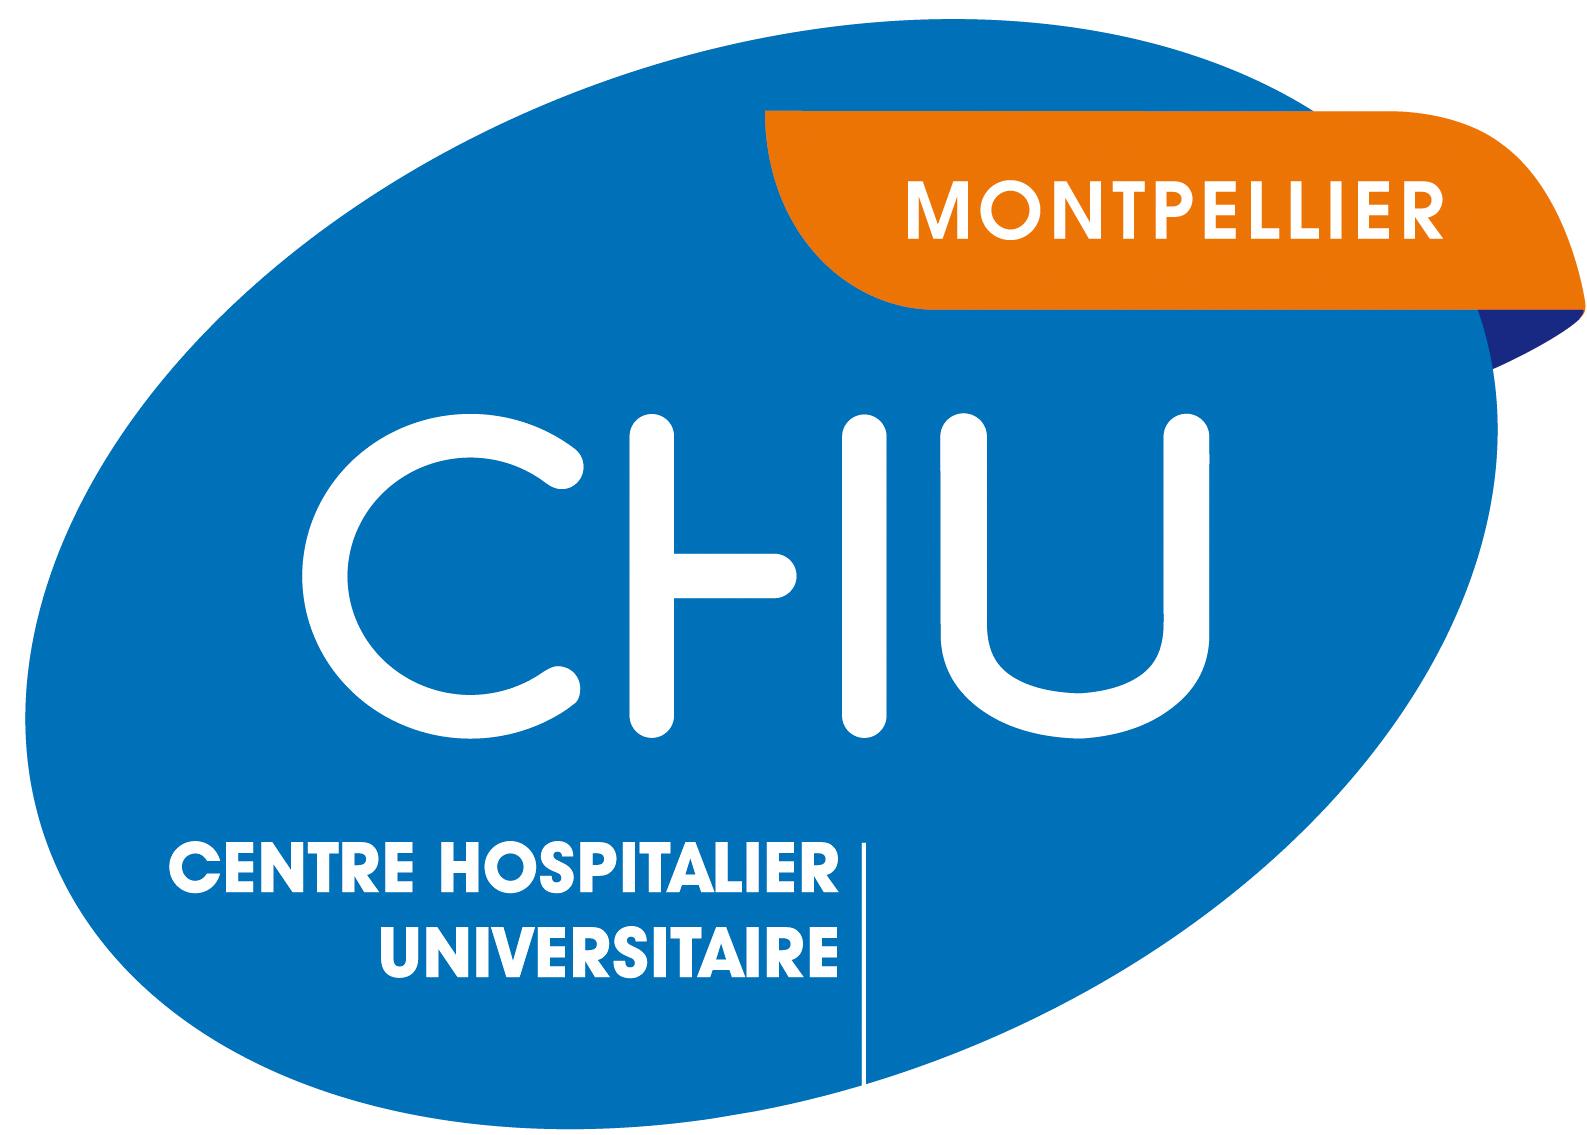 CHU montpellier Whoog offre de remplacement de personnel de santé